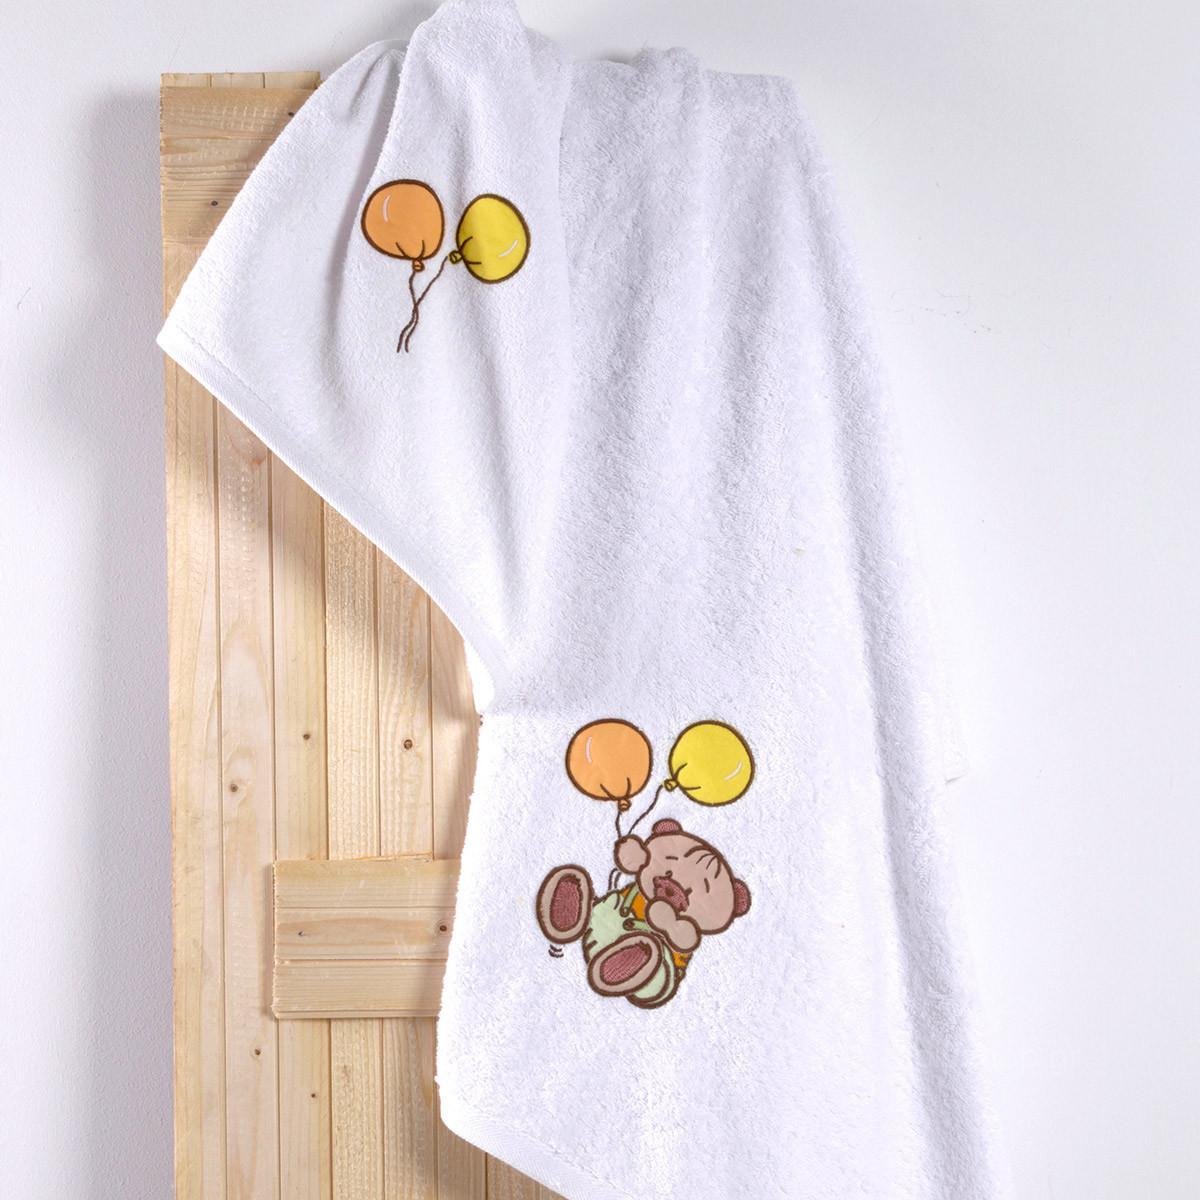 Βρεφικές Πετσέτες (Σετ 2τμχ) Sb Home Baby Arturo Beige